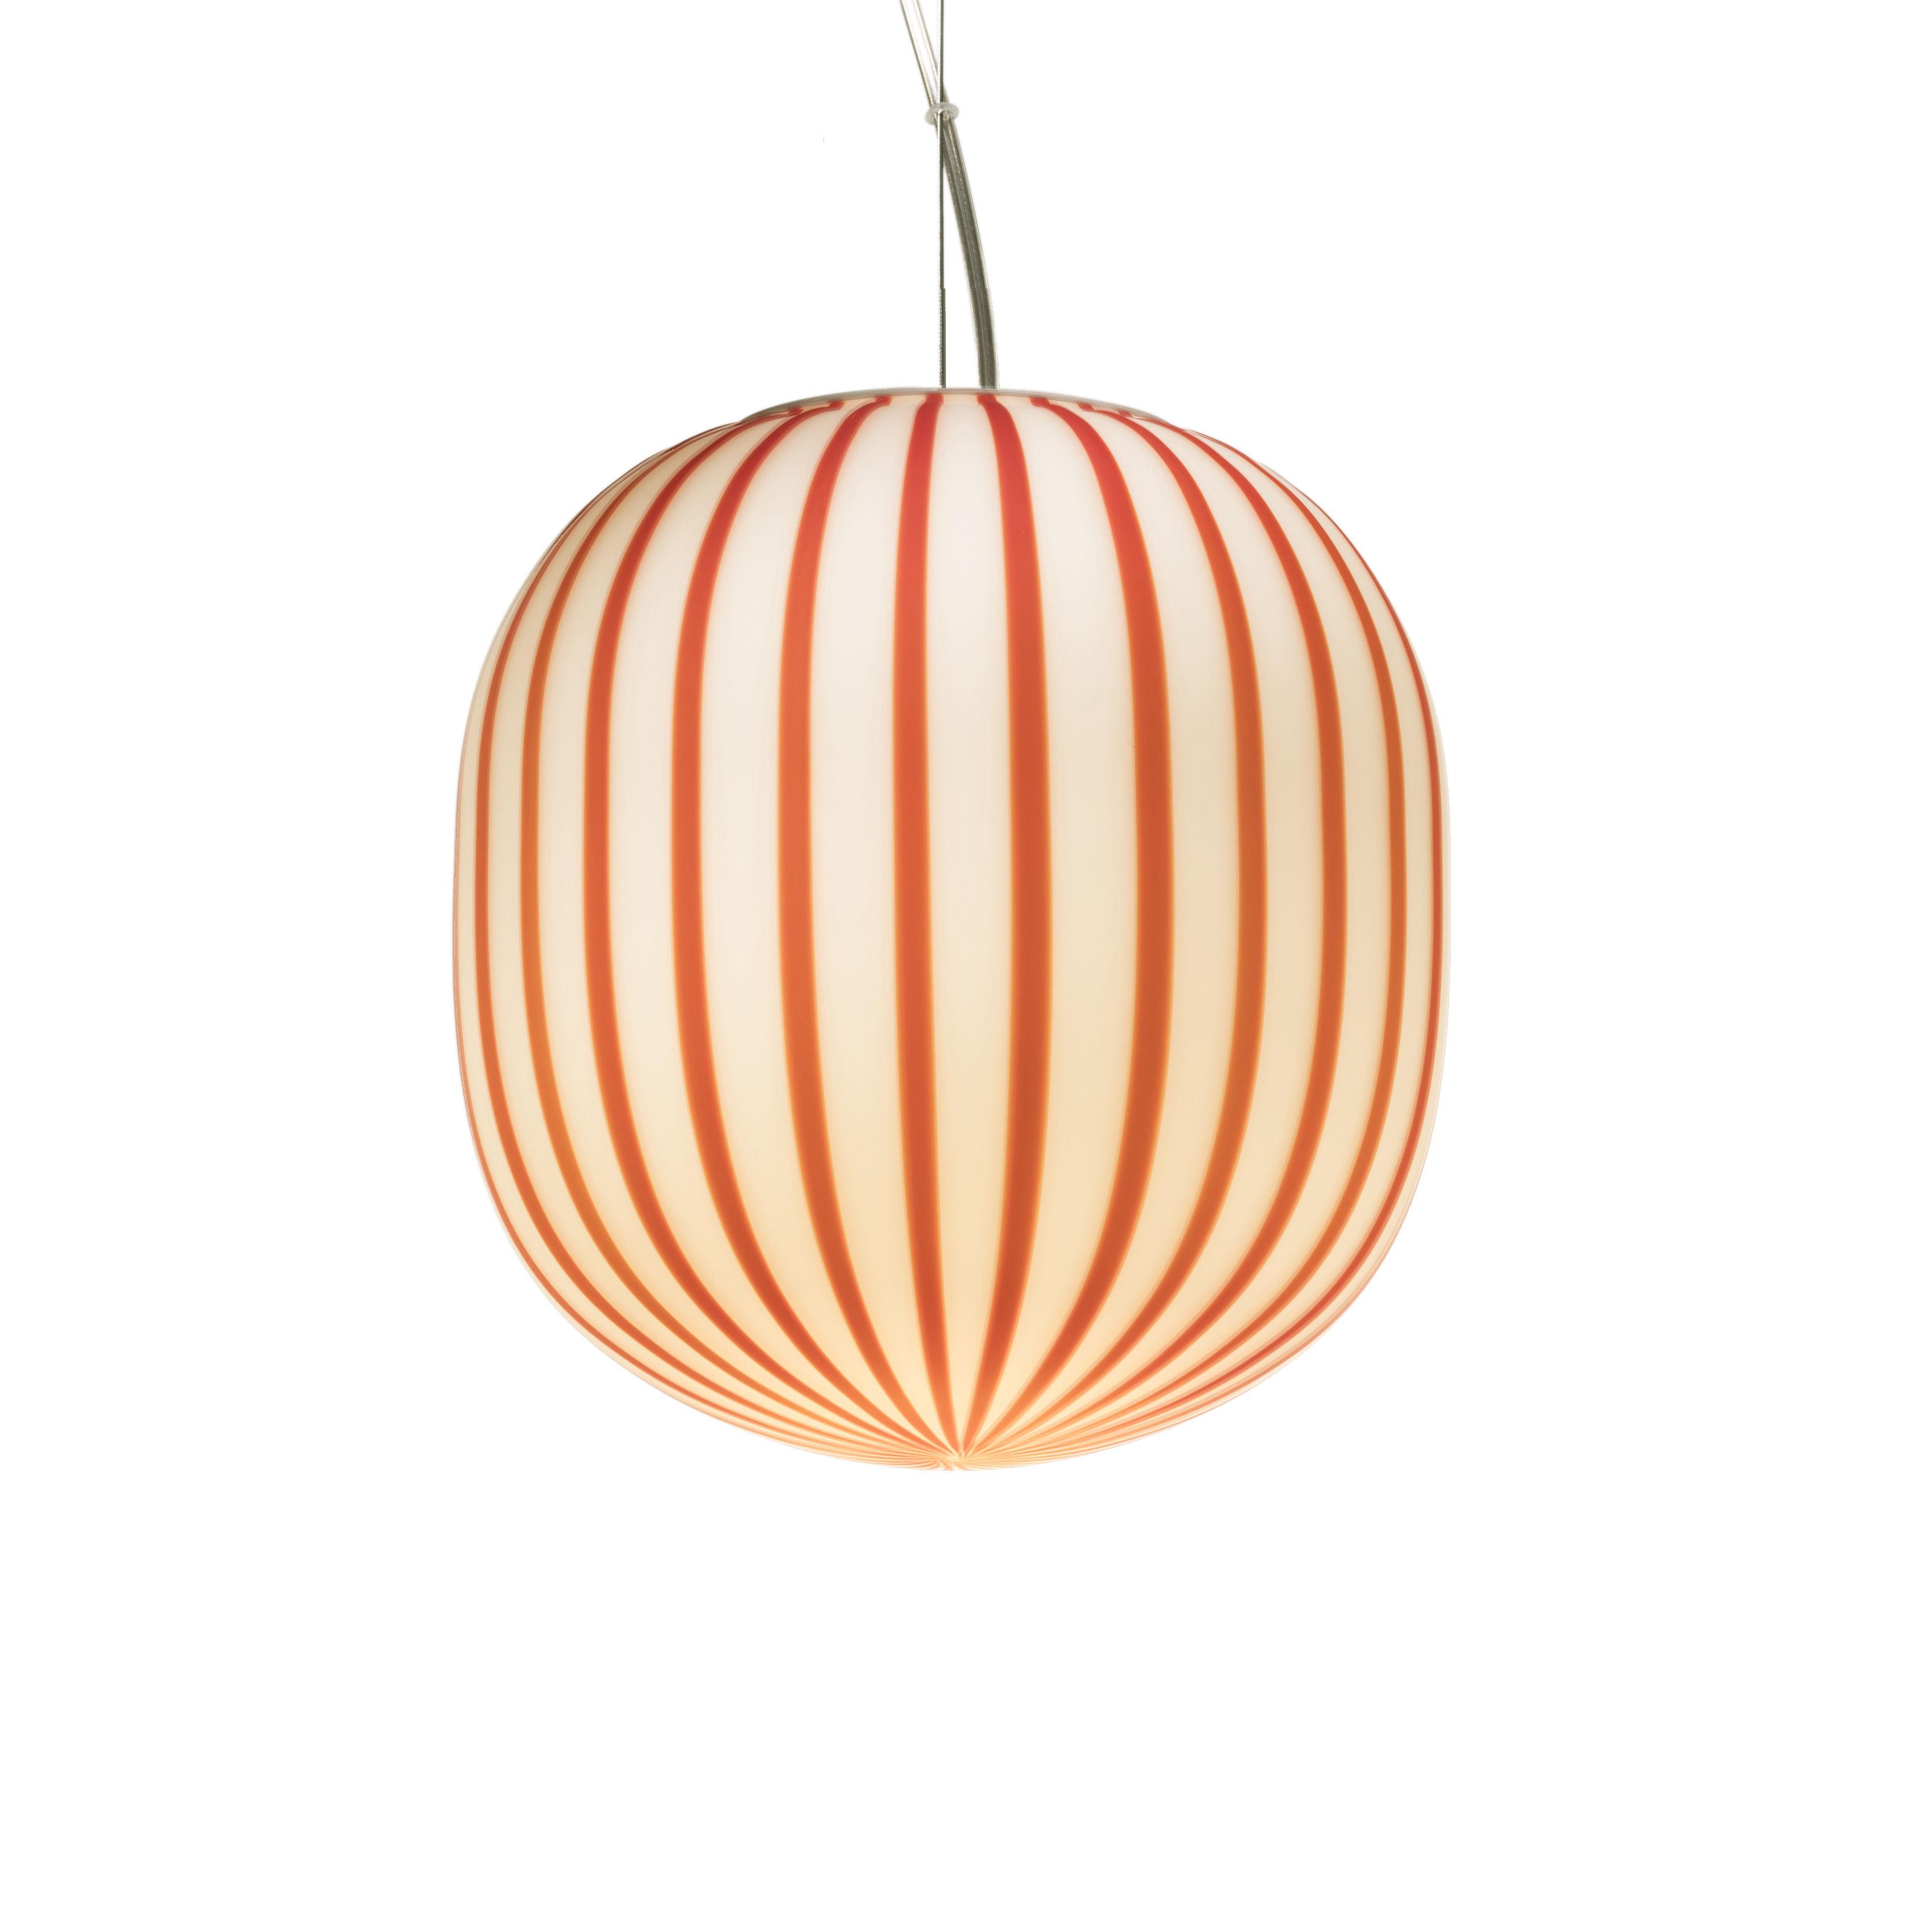 Luminaire - Suspensions - Suspension Filigrane Cylindre / Rayures rouges - Ø 16 cm - Established & Sons - Blanc / Rayures rouges - Acrylique, Métal, Verre soufflé bouche